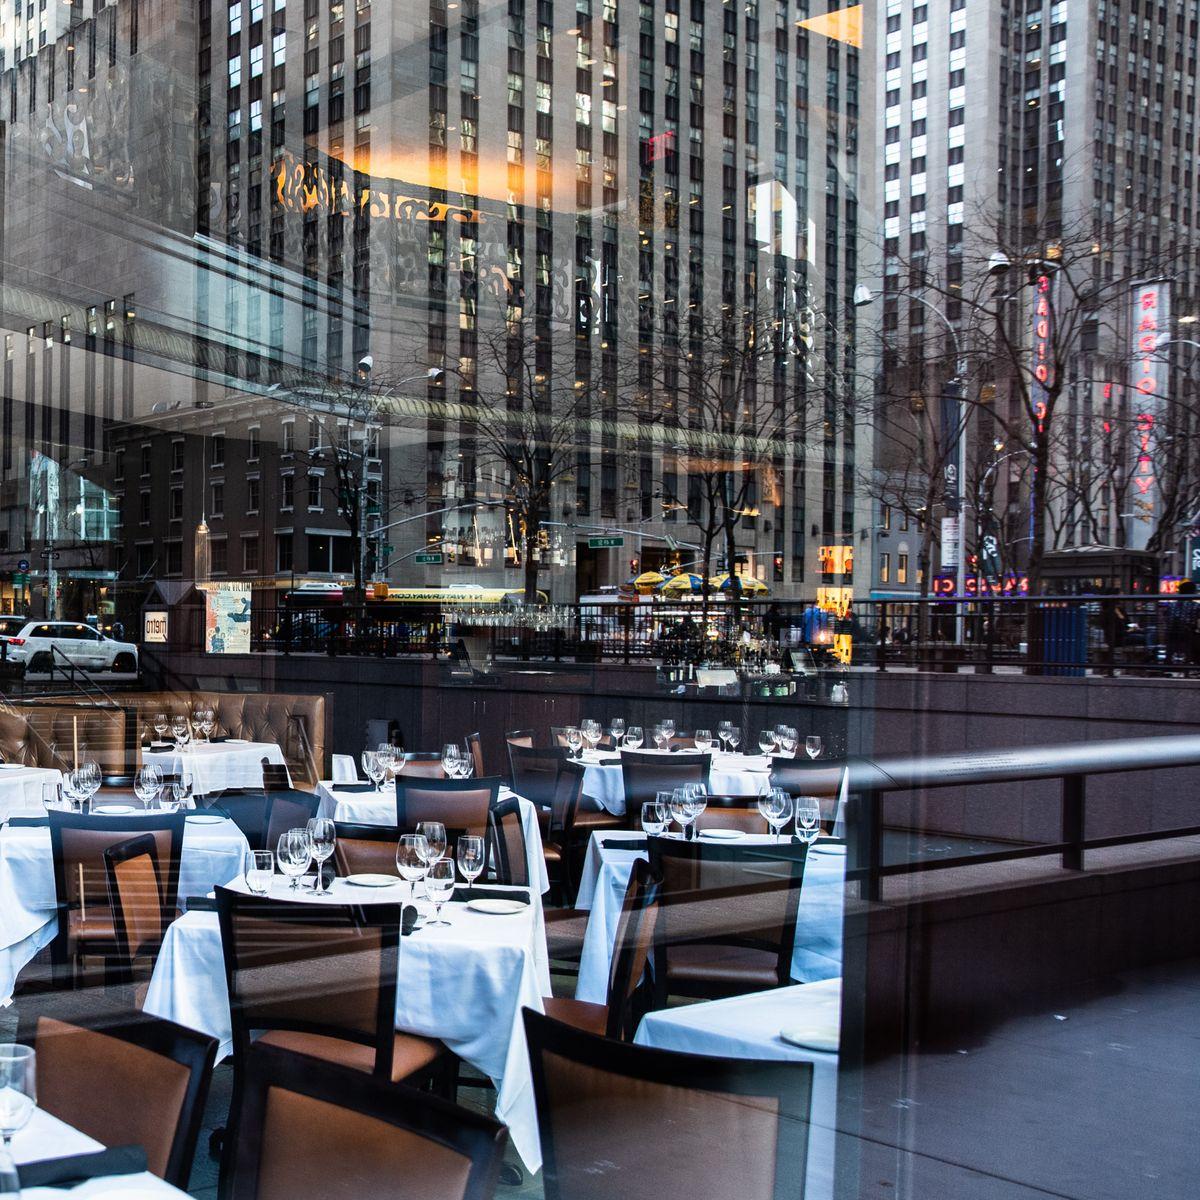 Best Nyc Restaurants 2021 NYC Bars and Restaurants Will Close Due to Coronavirus